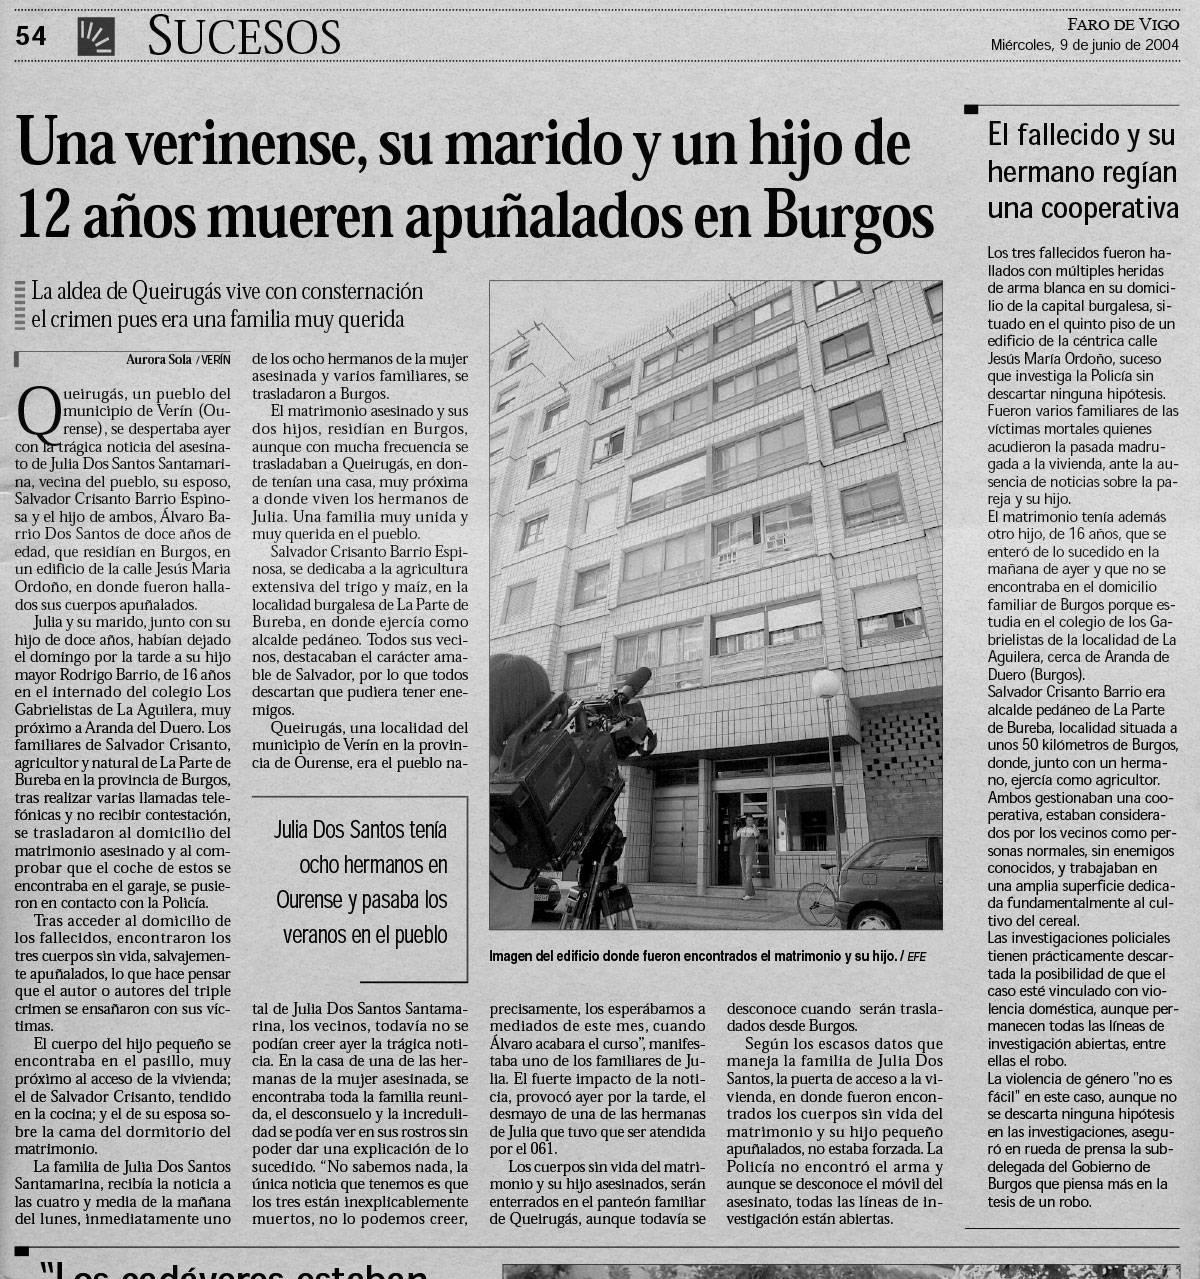 Las 99 puñaladas que acabaron con una familia - Faro de Vigo